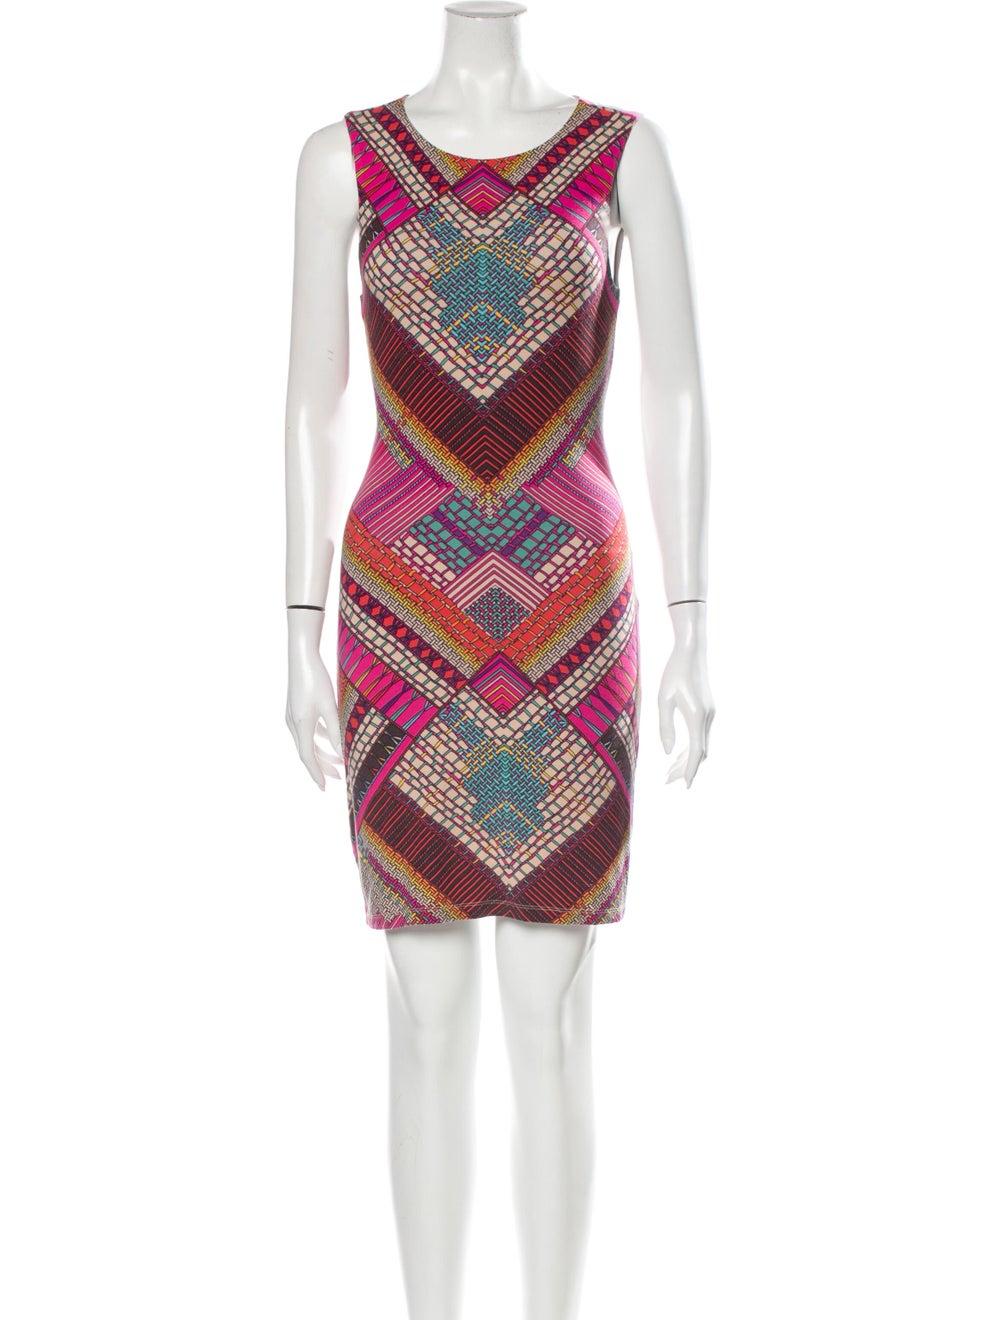 Mara Hoffman Printed Mini Dress Pink - image 1